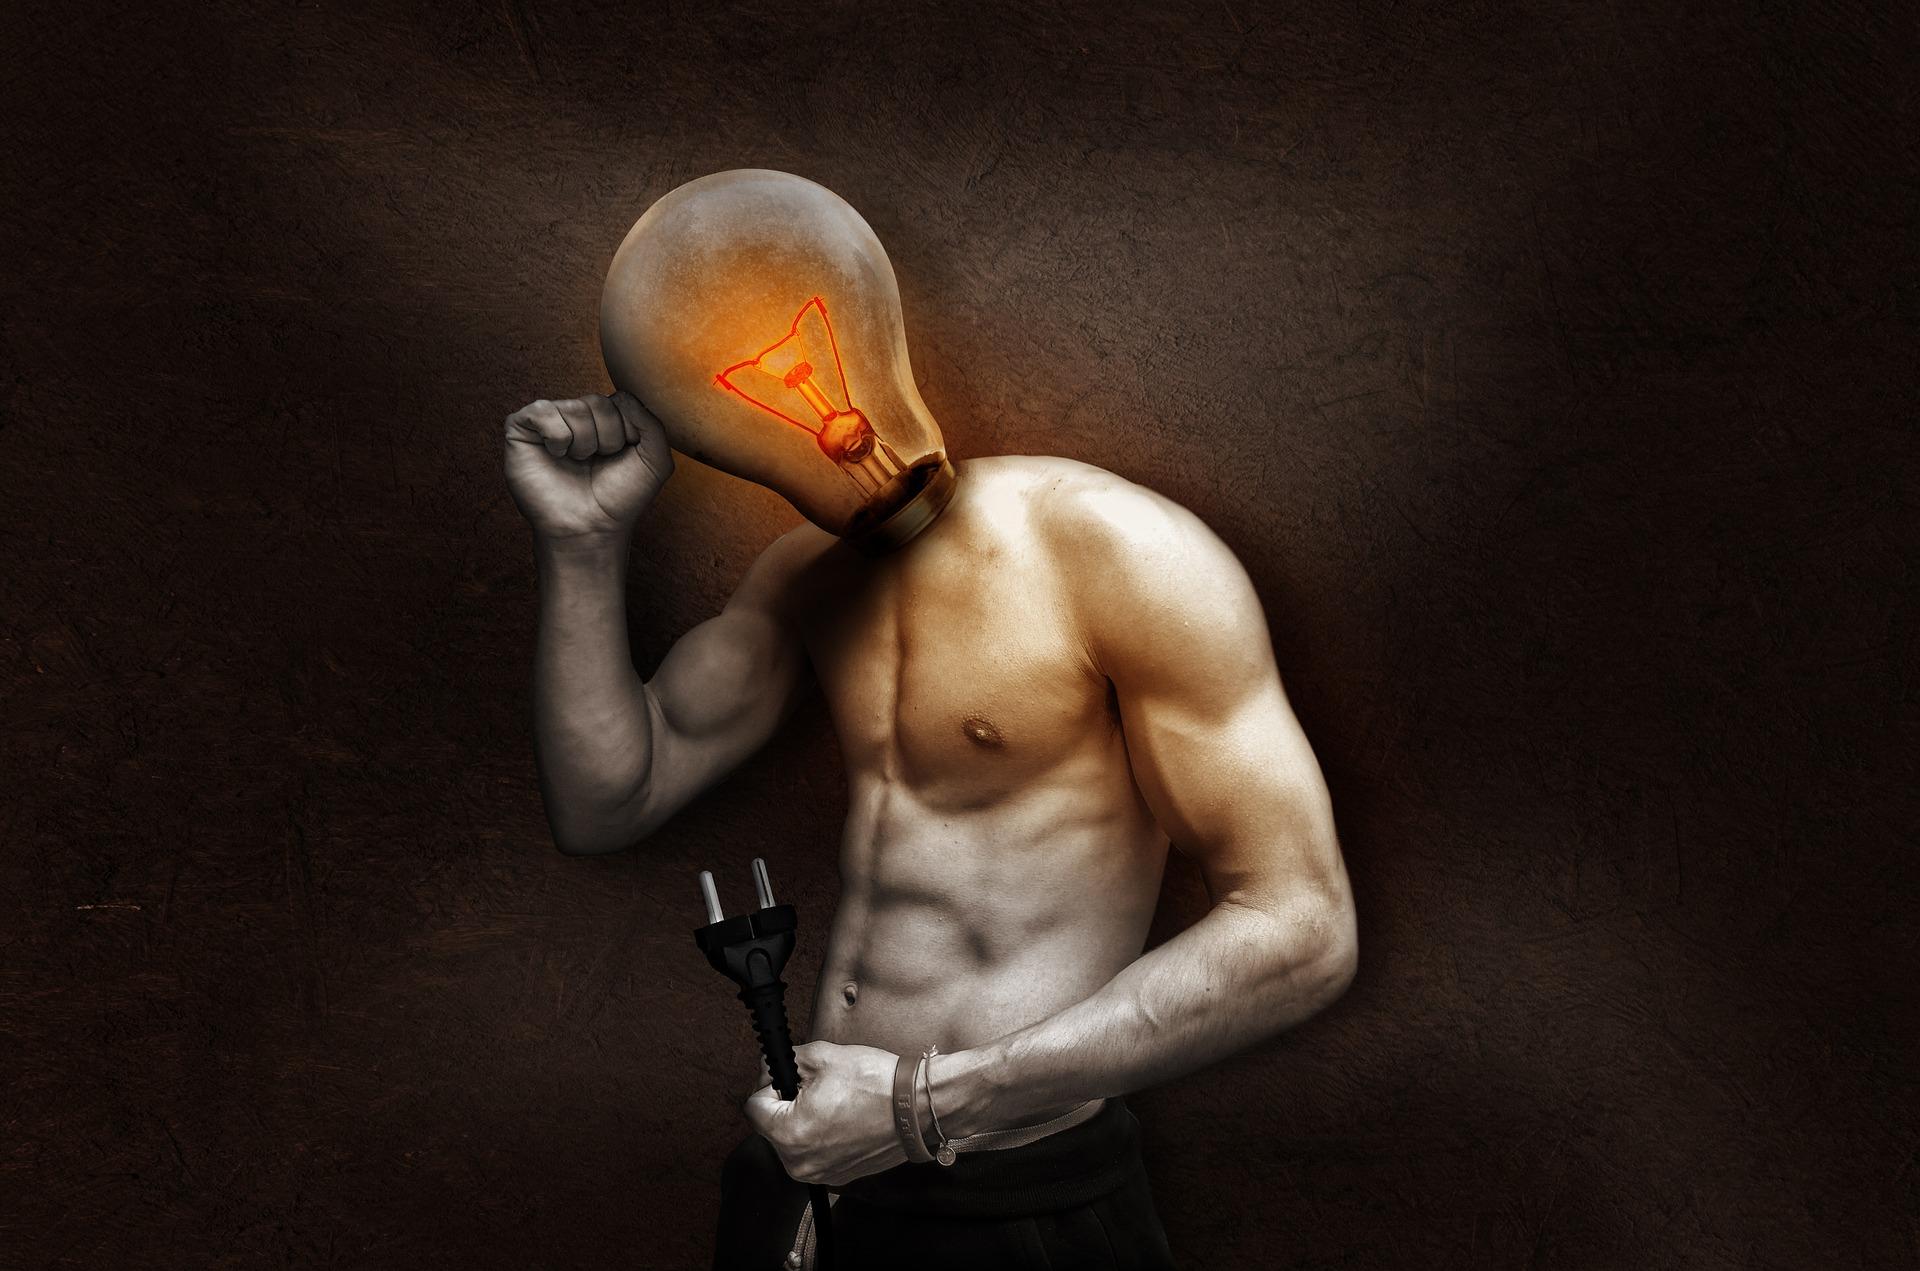 light-bulb-1042480_1920.jpg